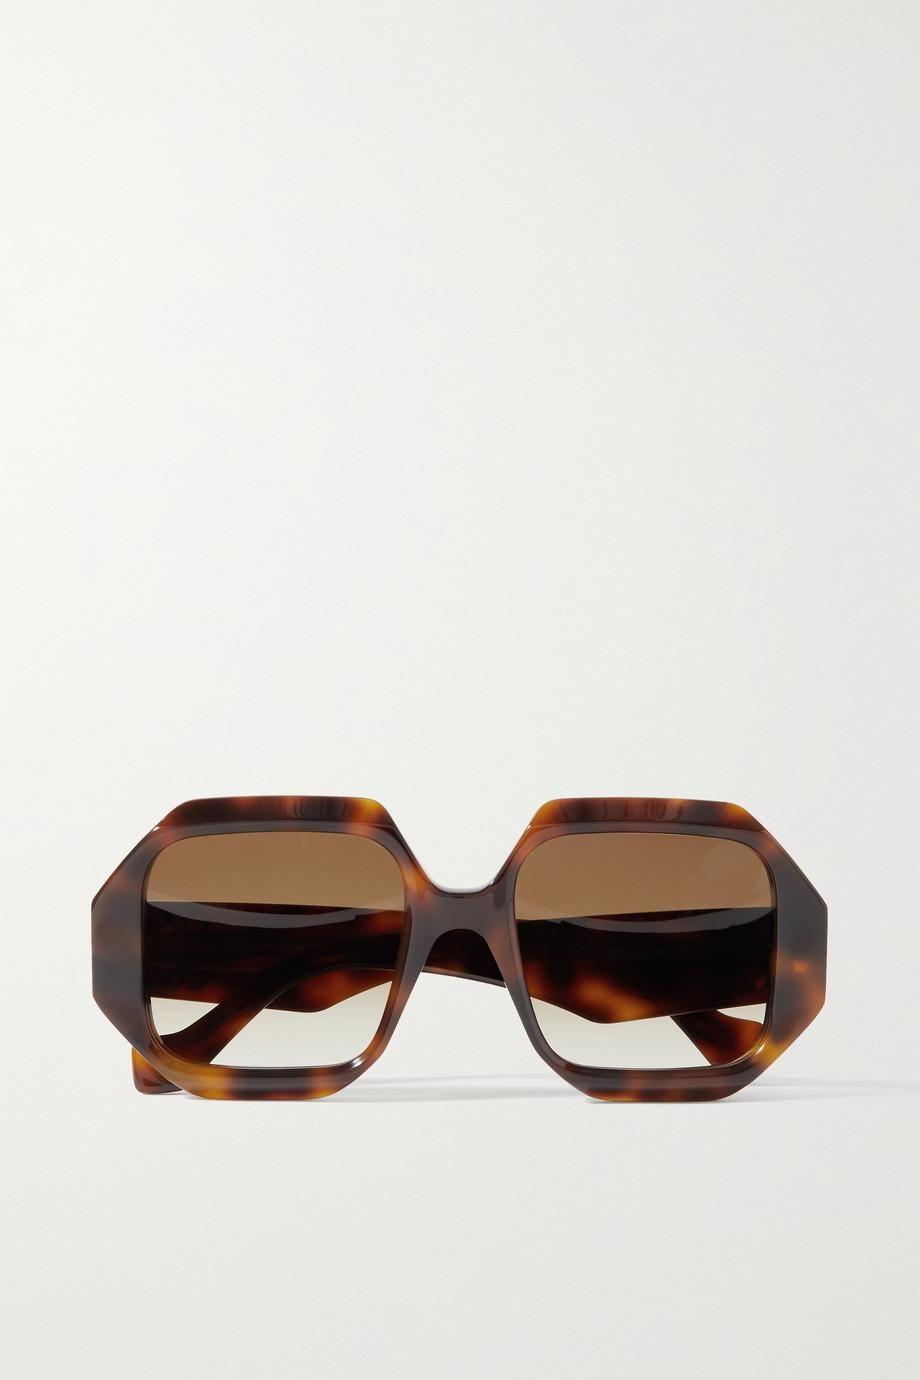 loewe octagon frame tortoiseshell acetate sunglasses